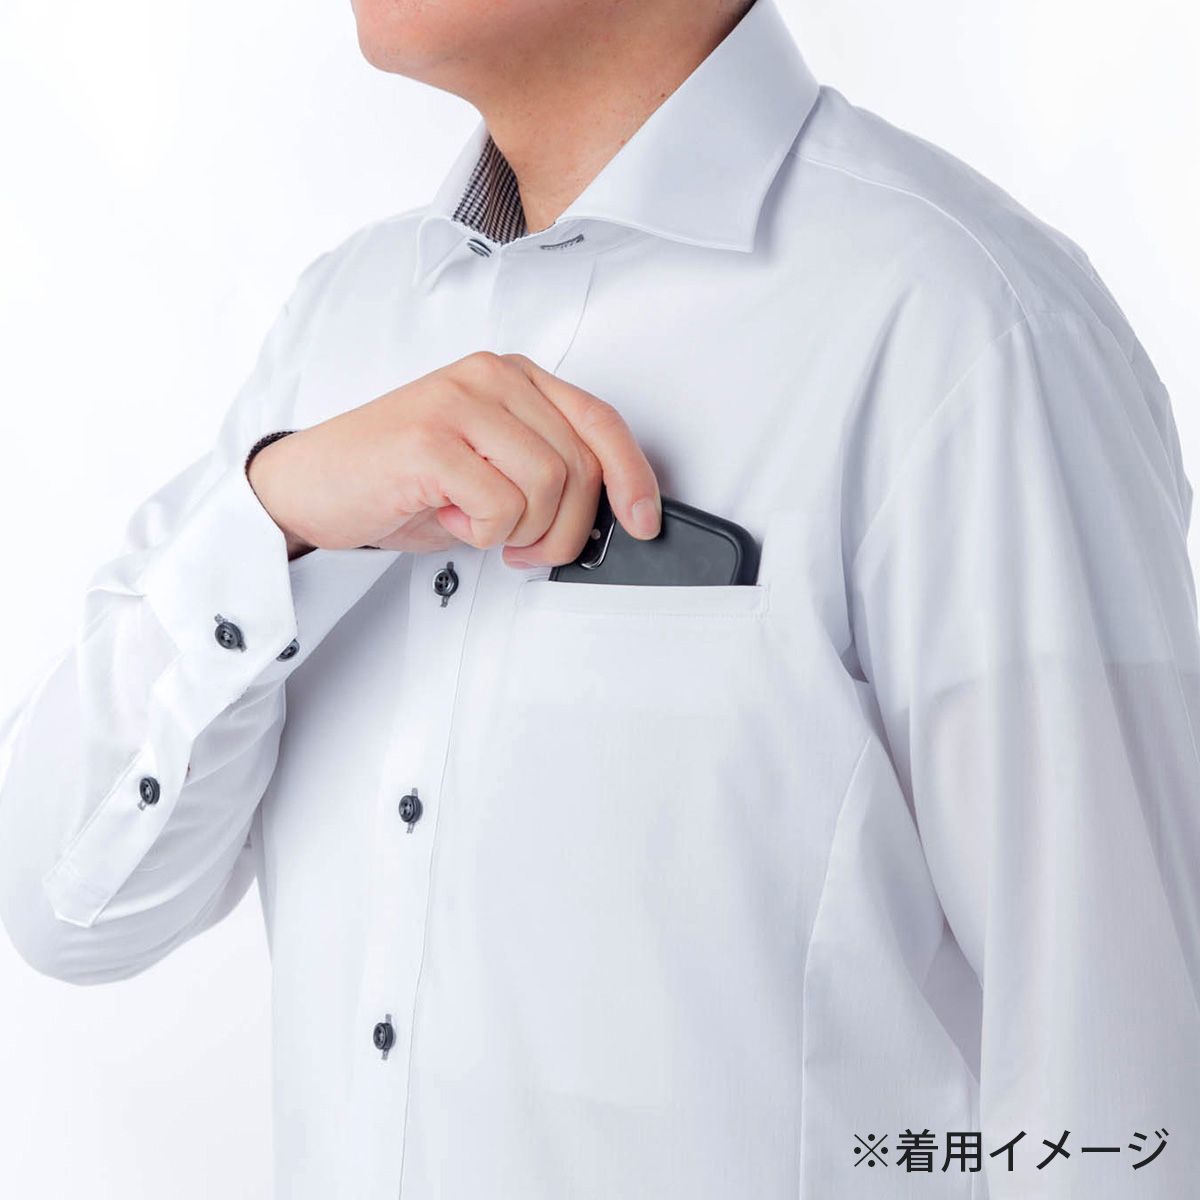 【初回体験特別販売】ピタッポ・形態安定 ボタンダウン 長袖 ※お1人様1枚限り